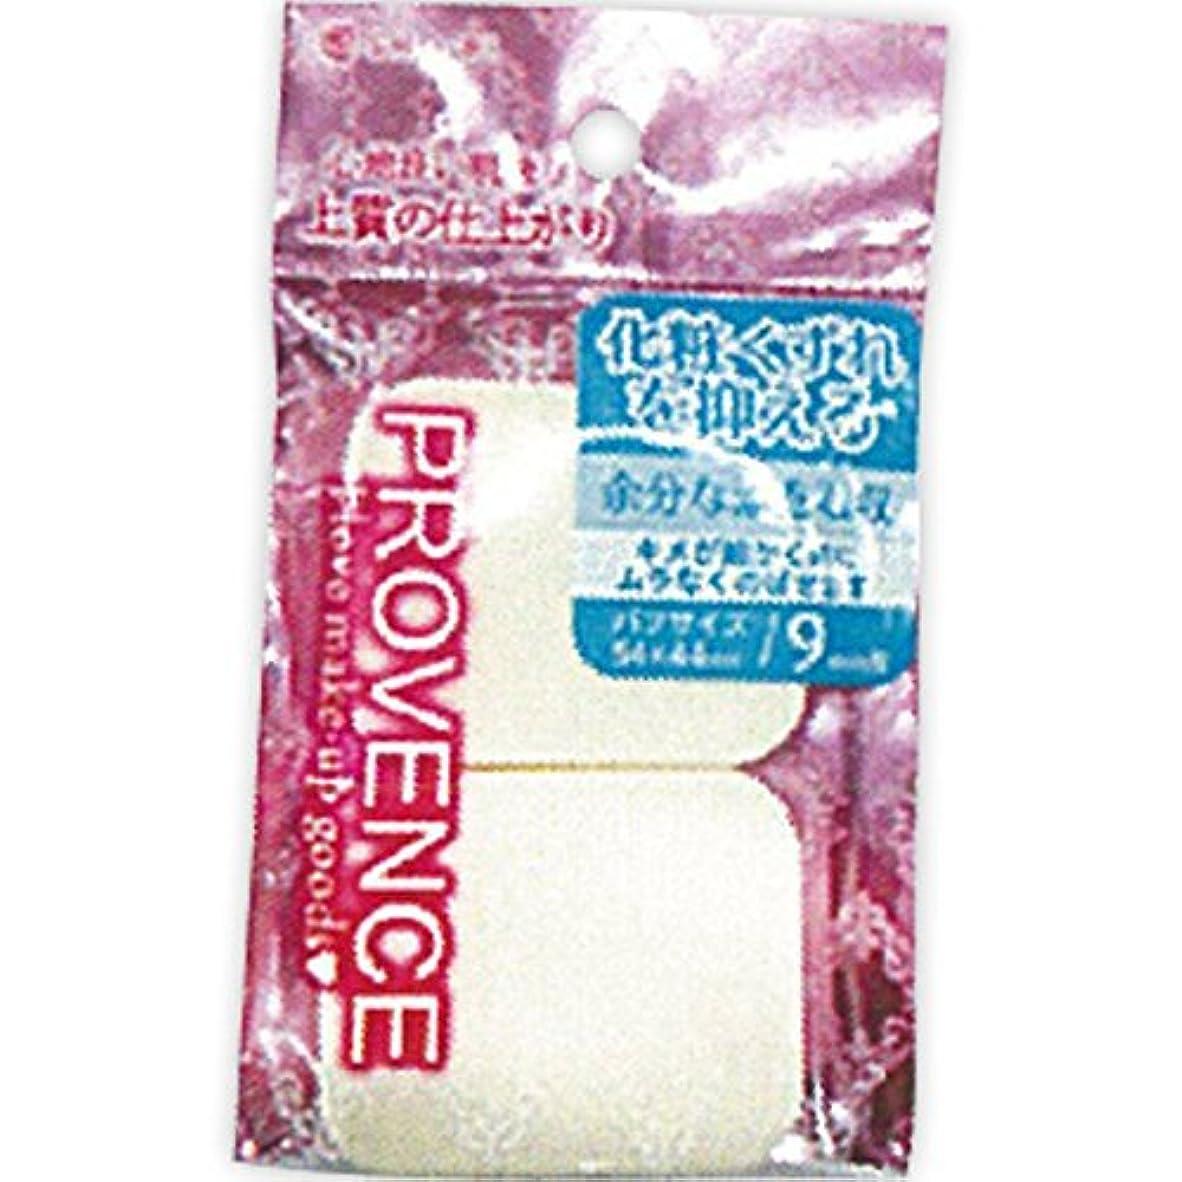 はげ八百屋さん注入するSHO-BI 油分吸収 化粧くずれを抑えるコンパクトパフ SPV71102